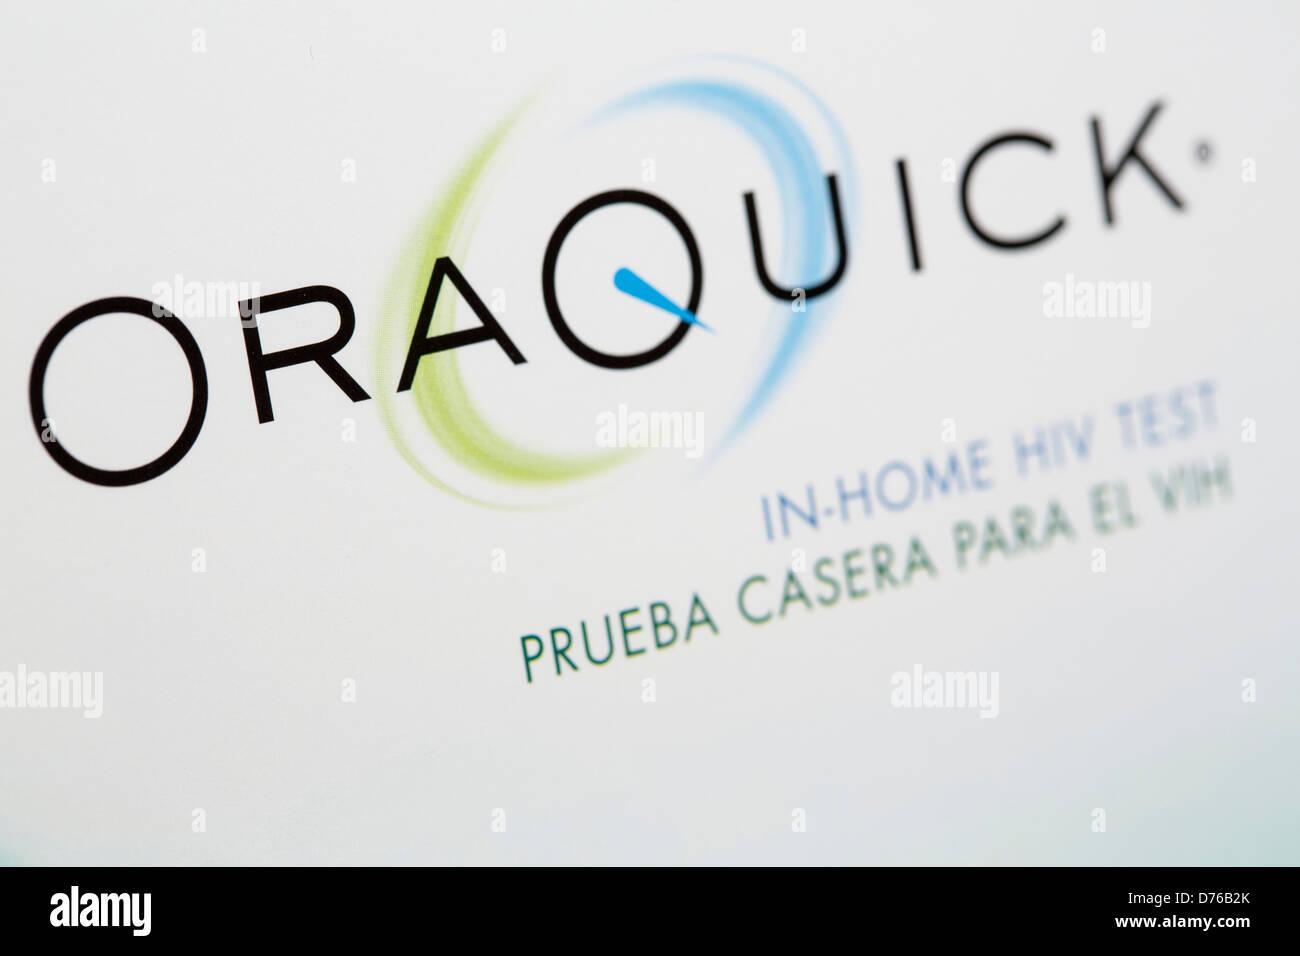 Un Oraquick en casa el kit de pruebas de detección del VIH. Imagen De Stock